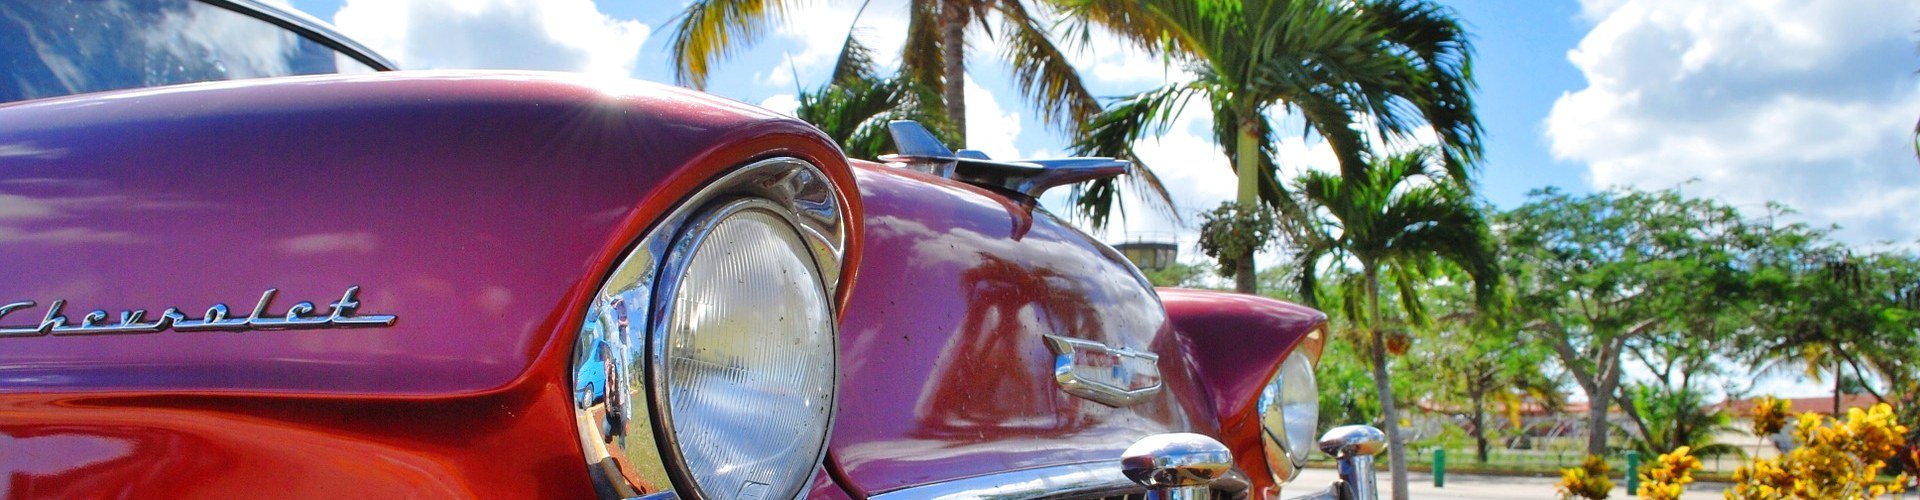 Reisetipps zum Thema: Kuba